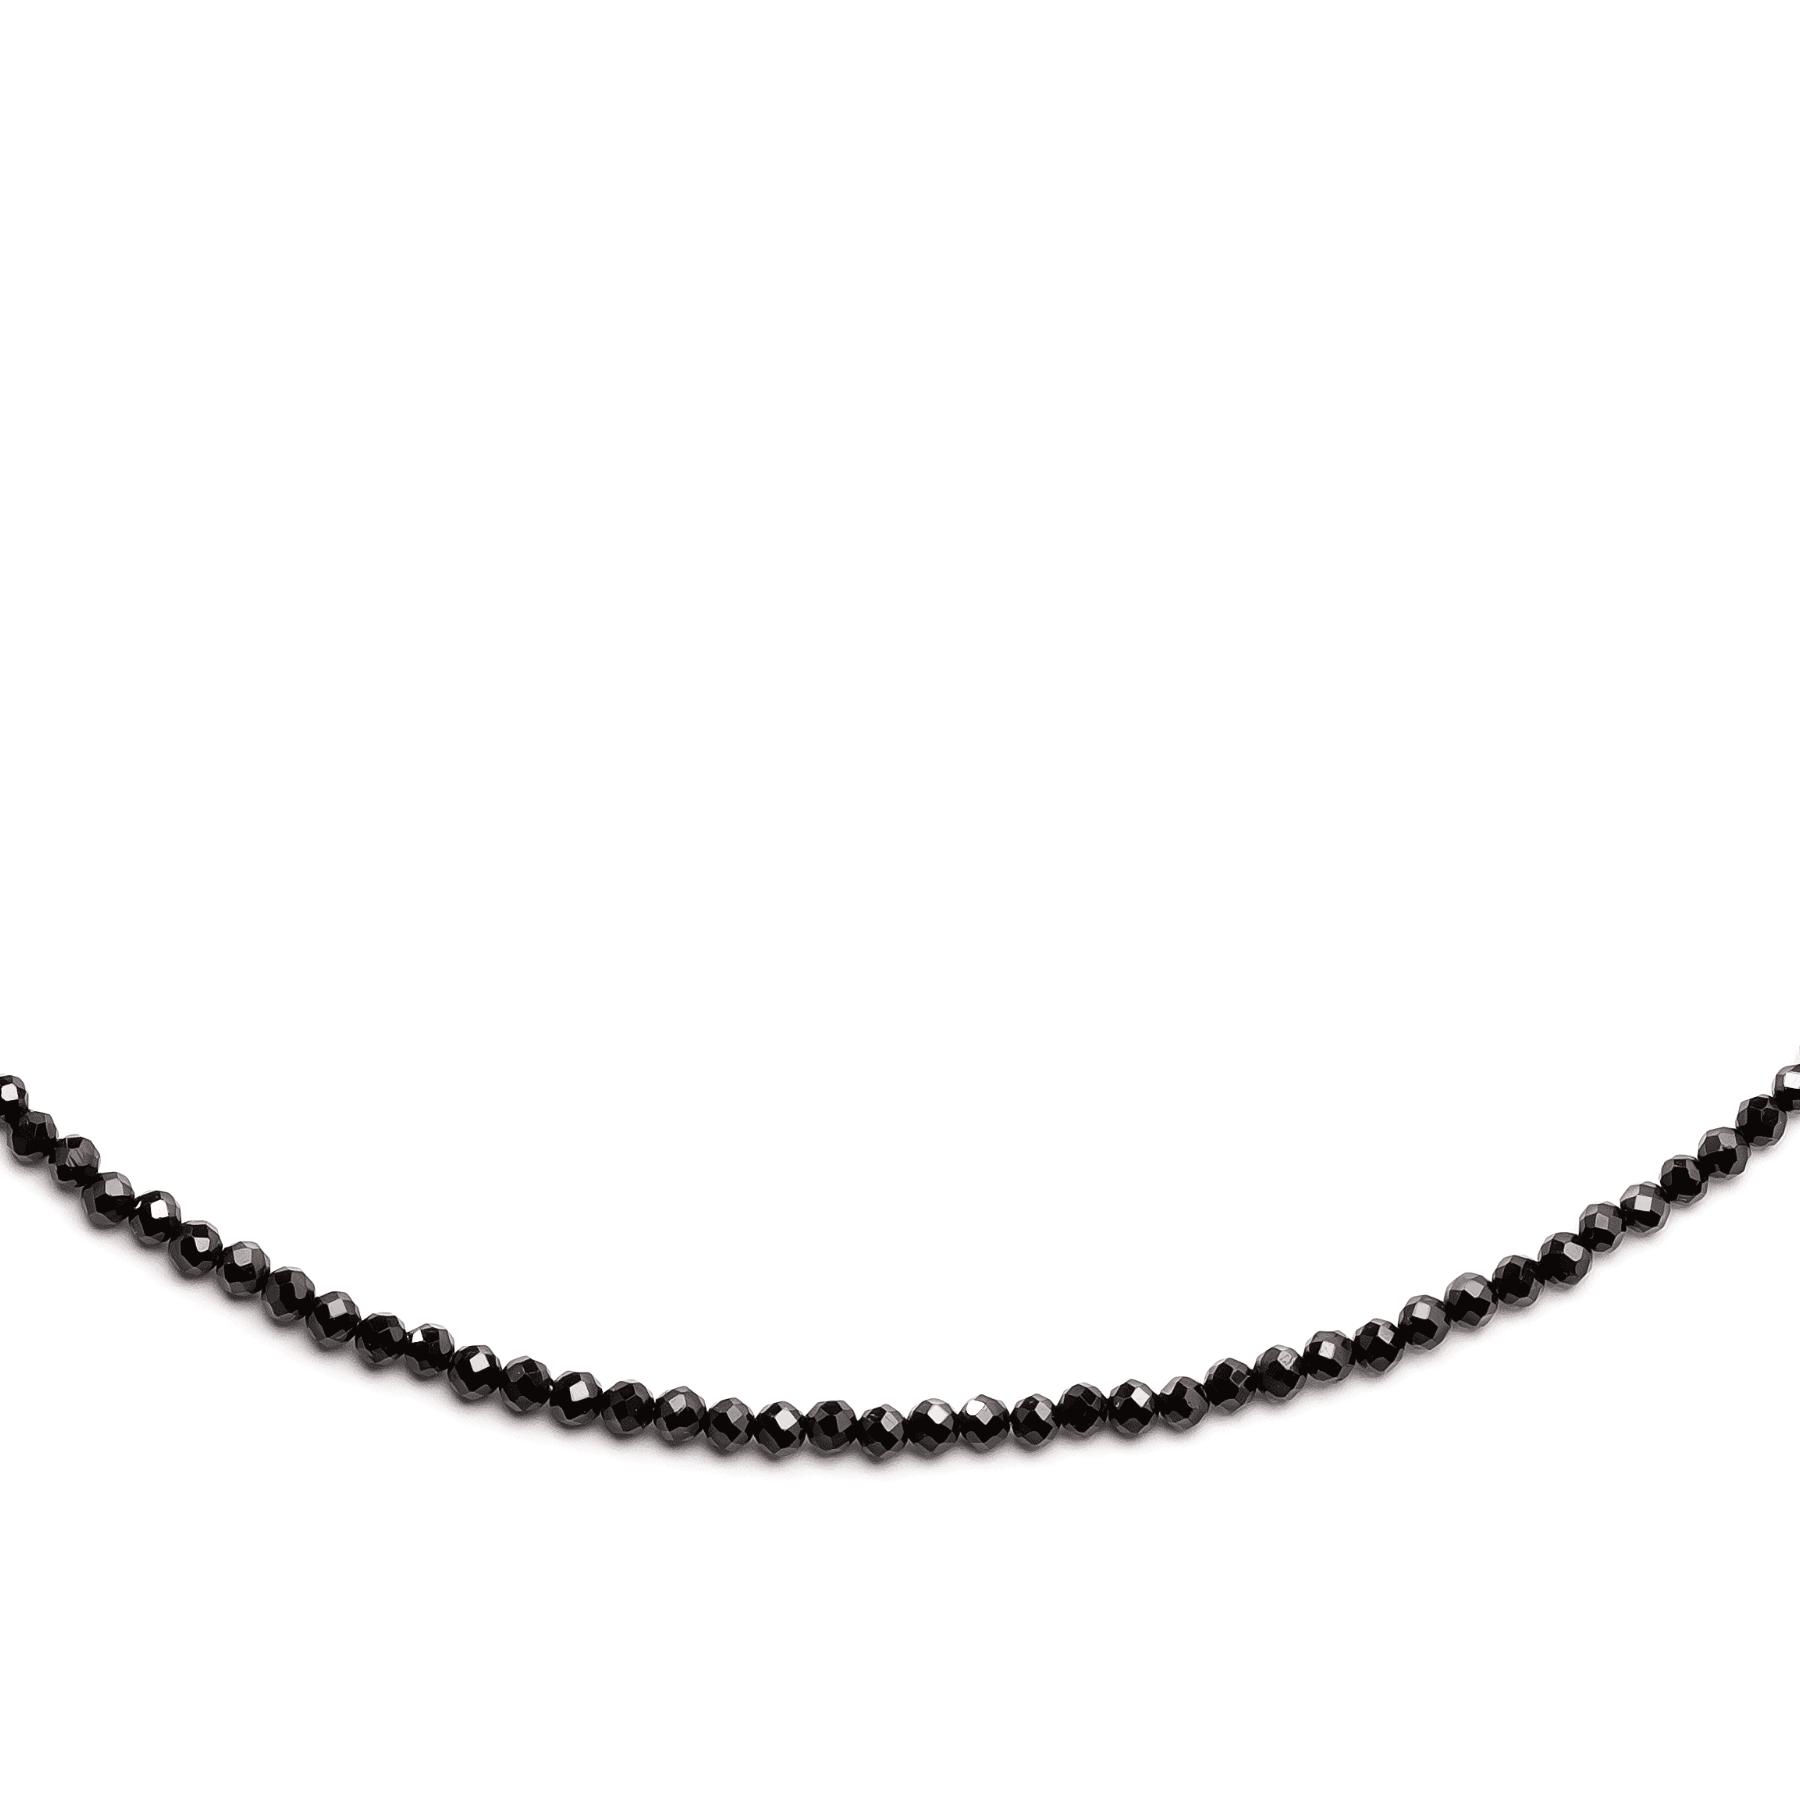 Czarny naszyjnik z kamieni naturalnych na jasnym tle.